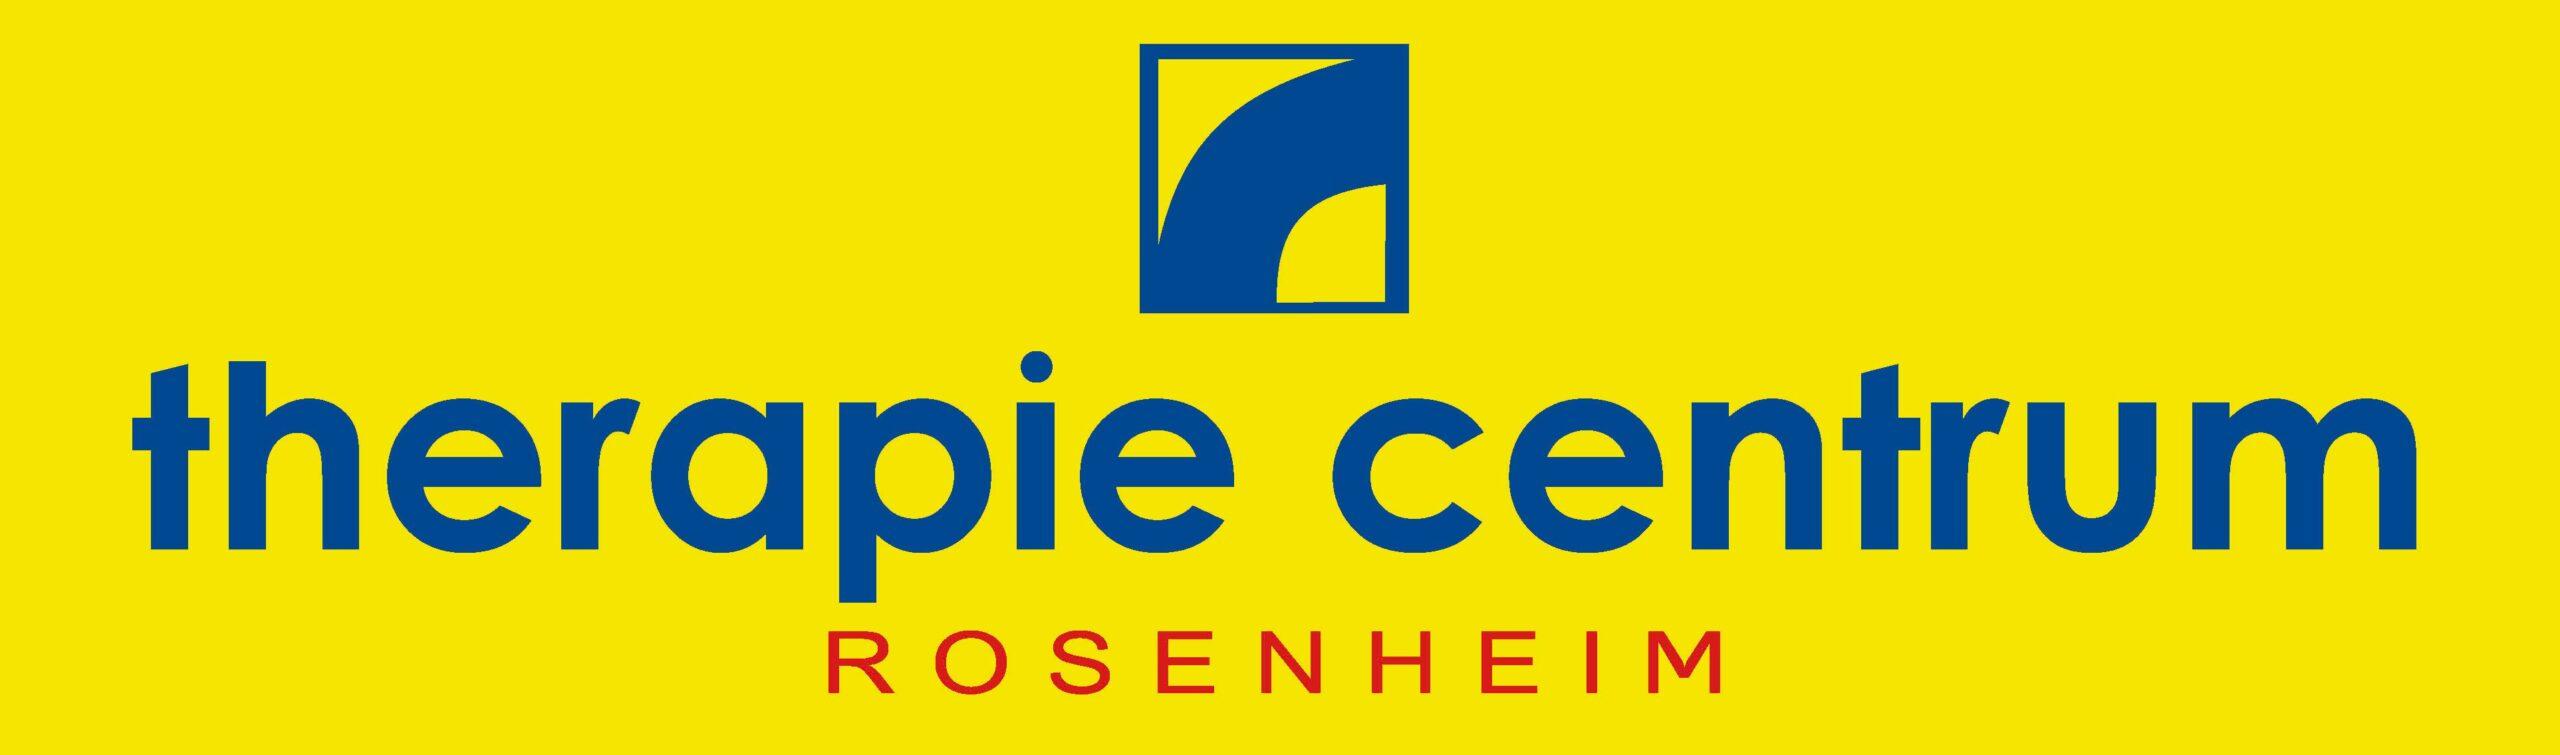 medico concept GmbH /therapie centrum rosenheim